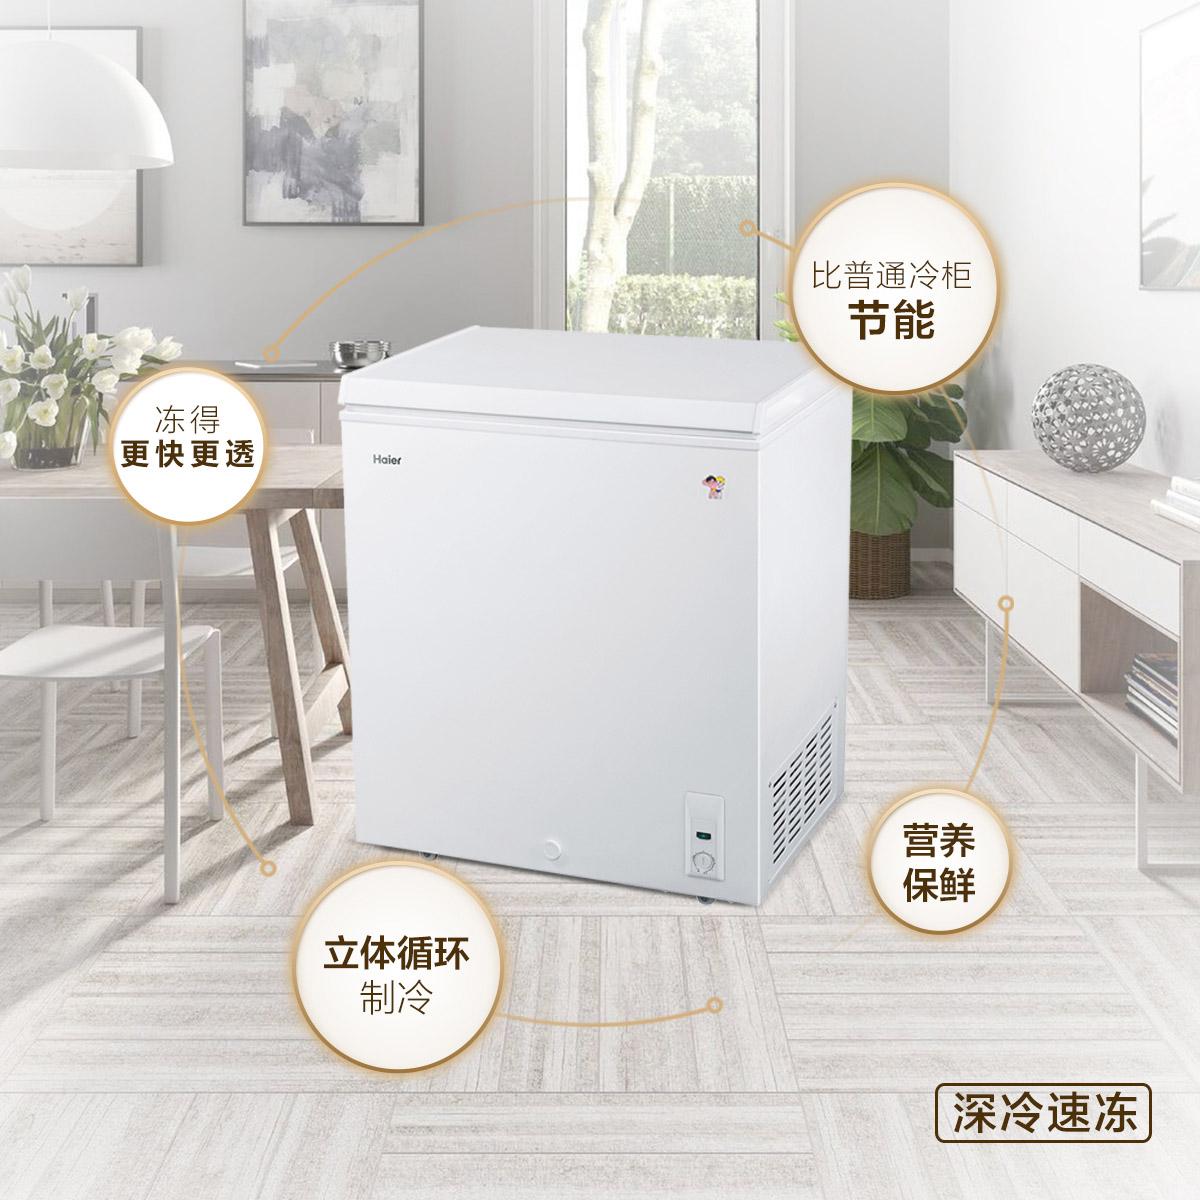 升家用节能小型冷藏冷冻冰柜 141HZA141 BD BC 海尔 Haier